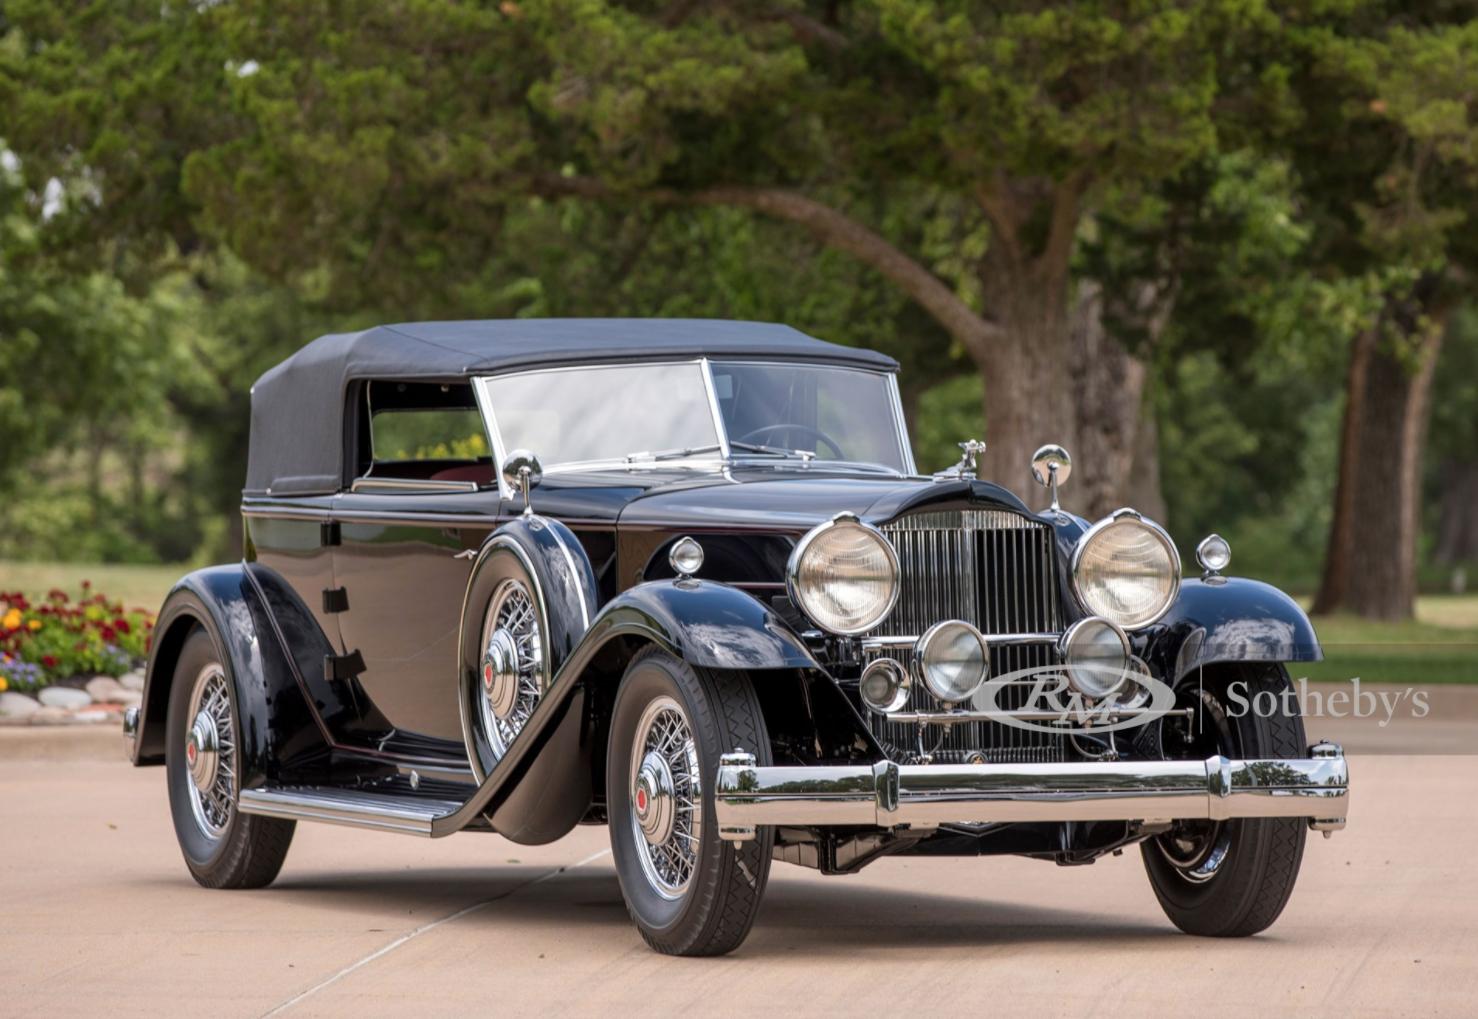 932 Packard Deluxe